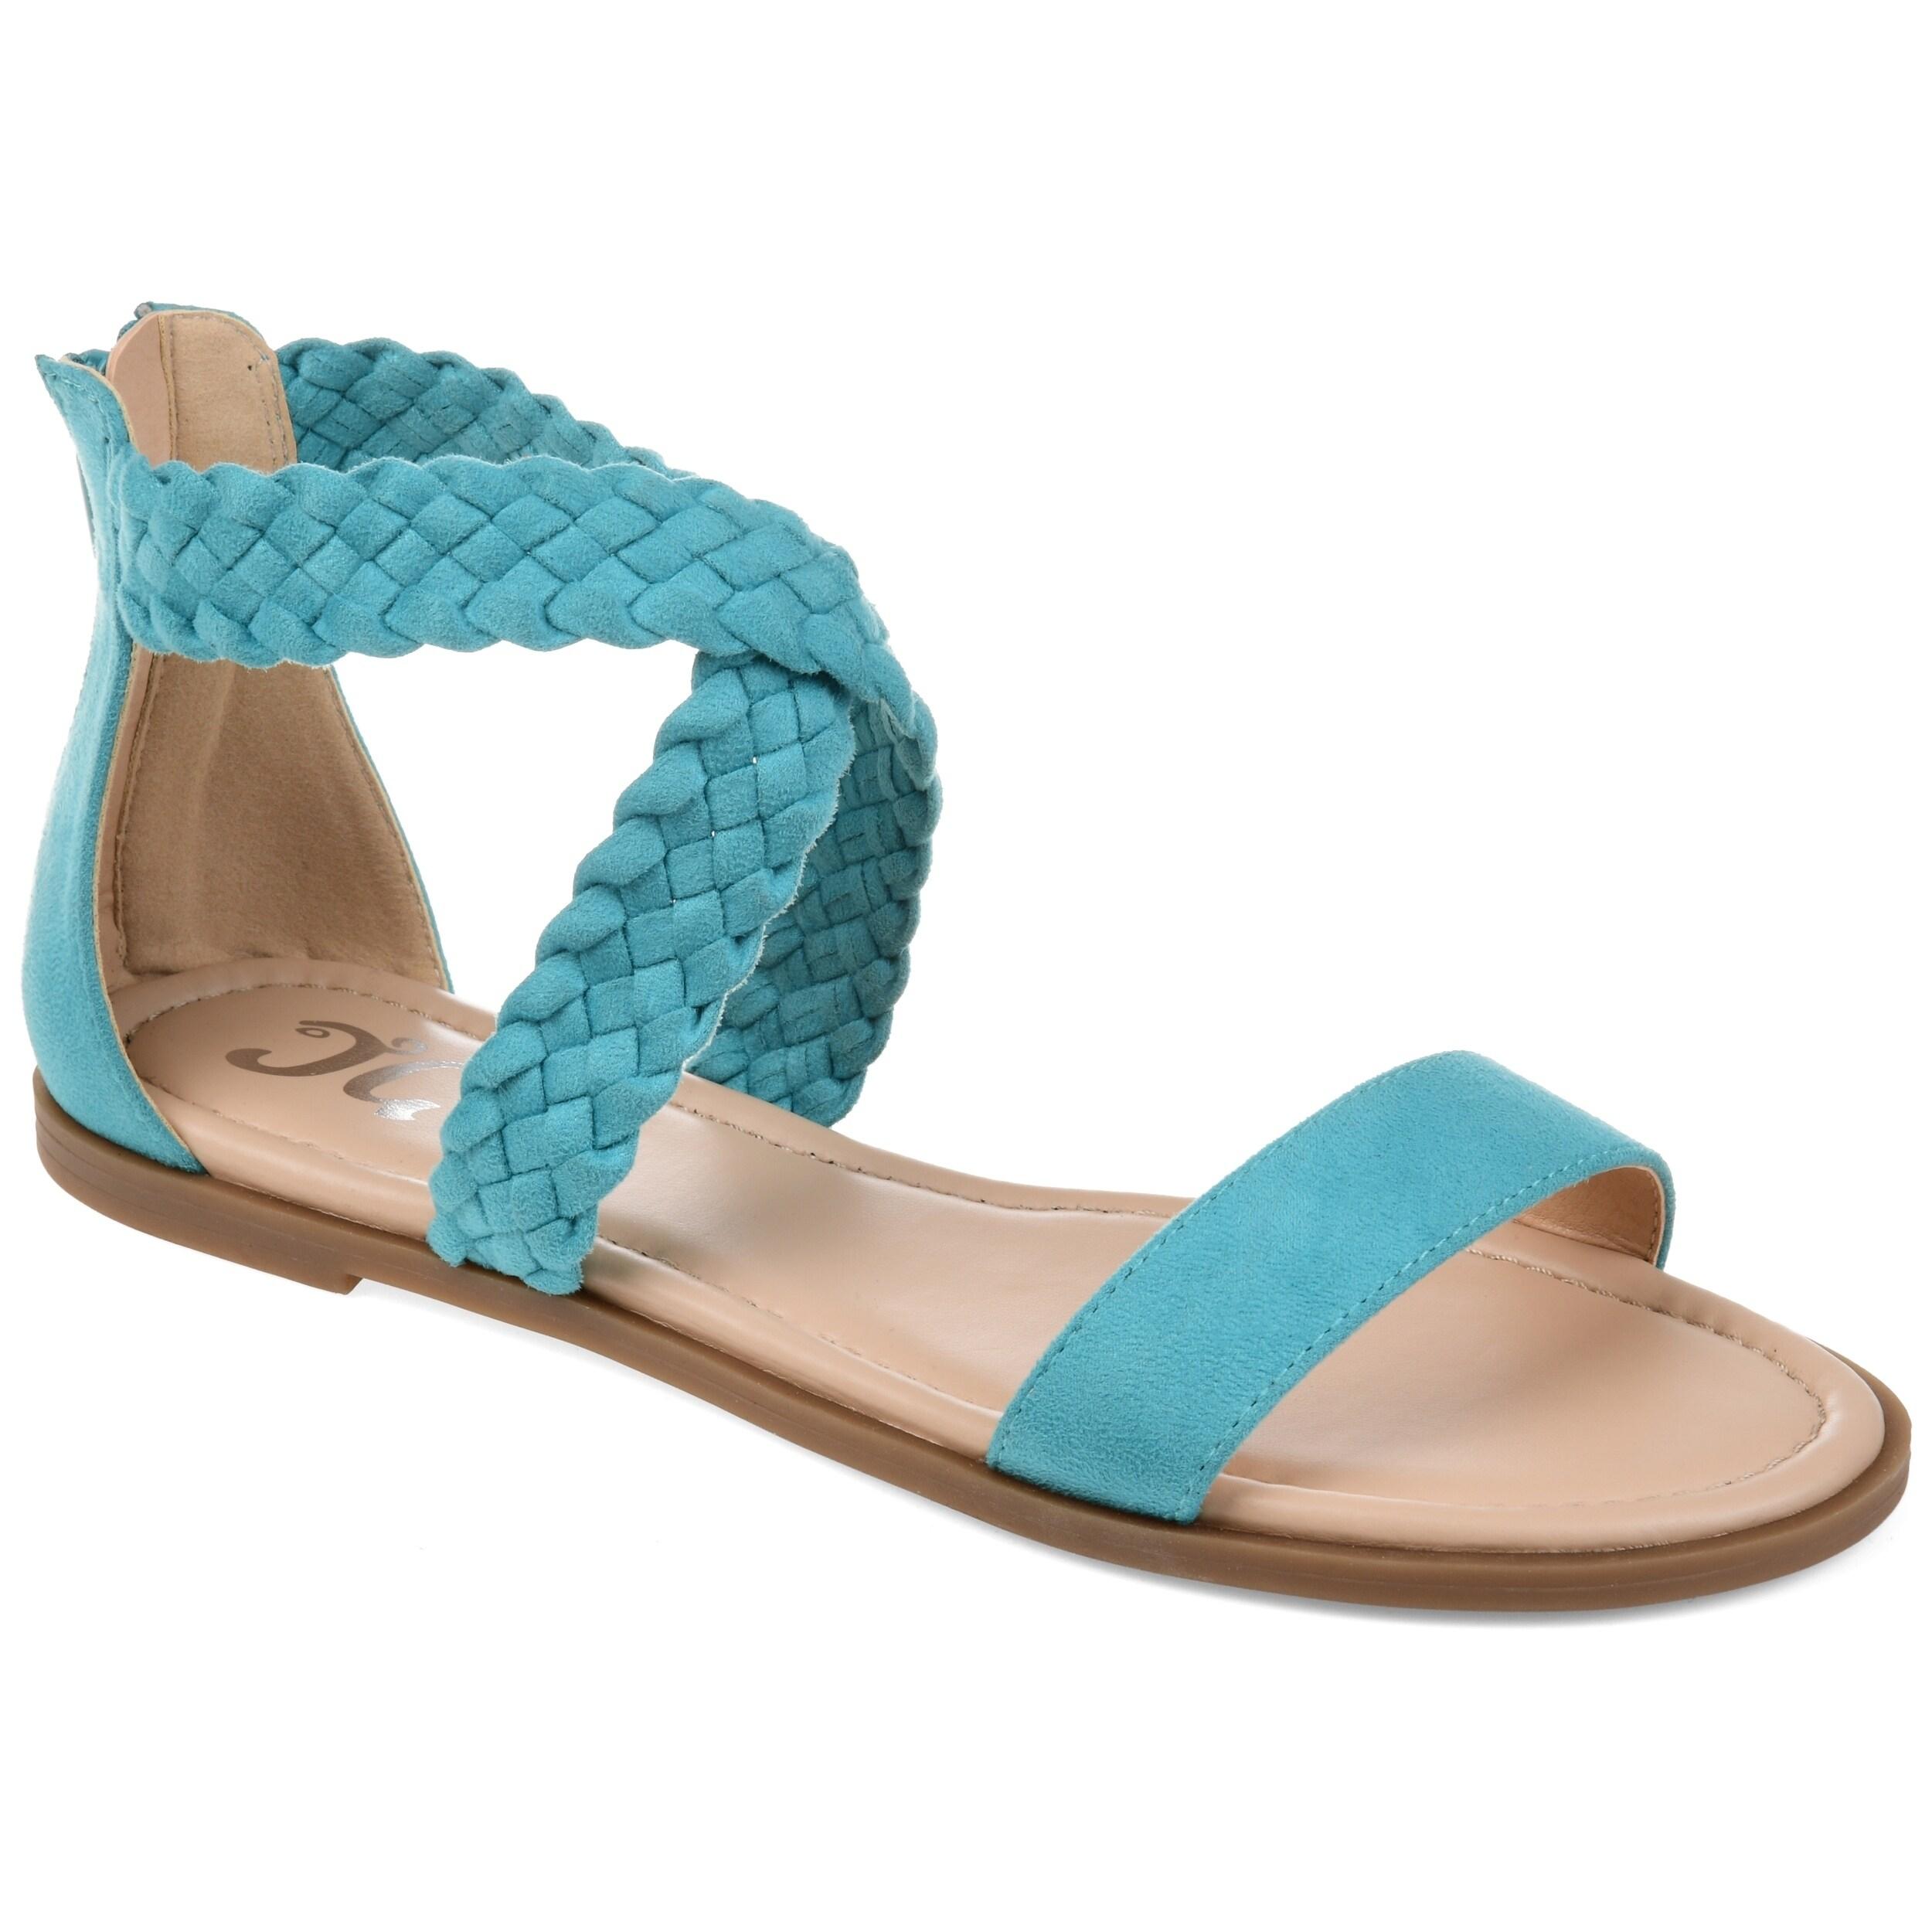 4cdf722716bb Buy Grey Women s Sandals Online at Overstock